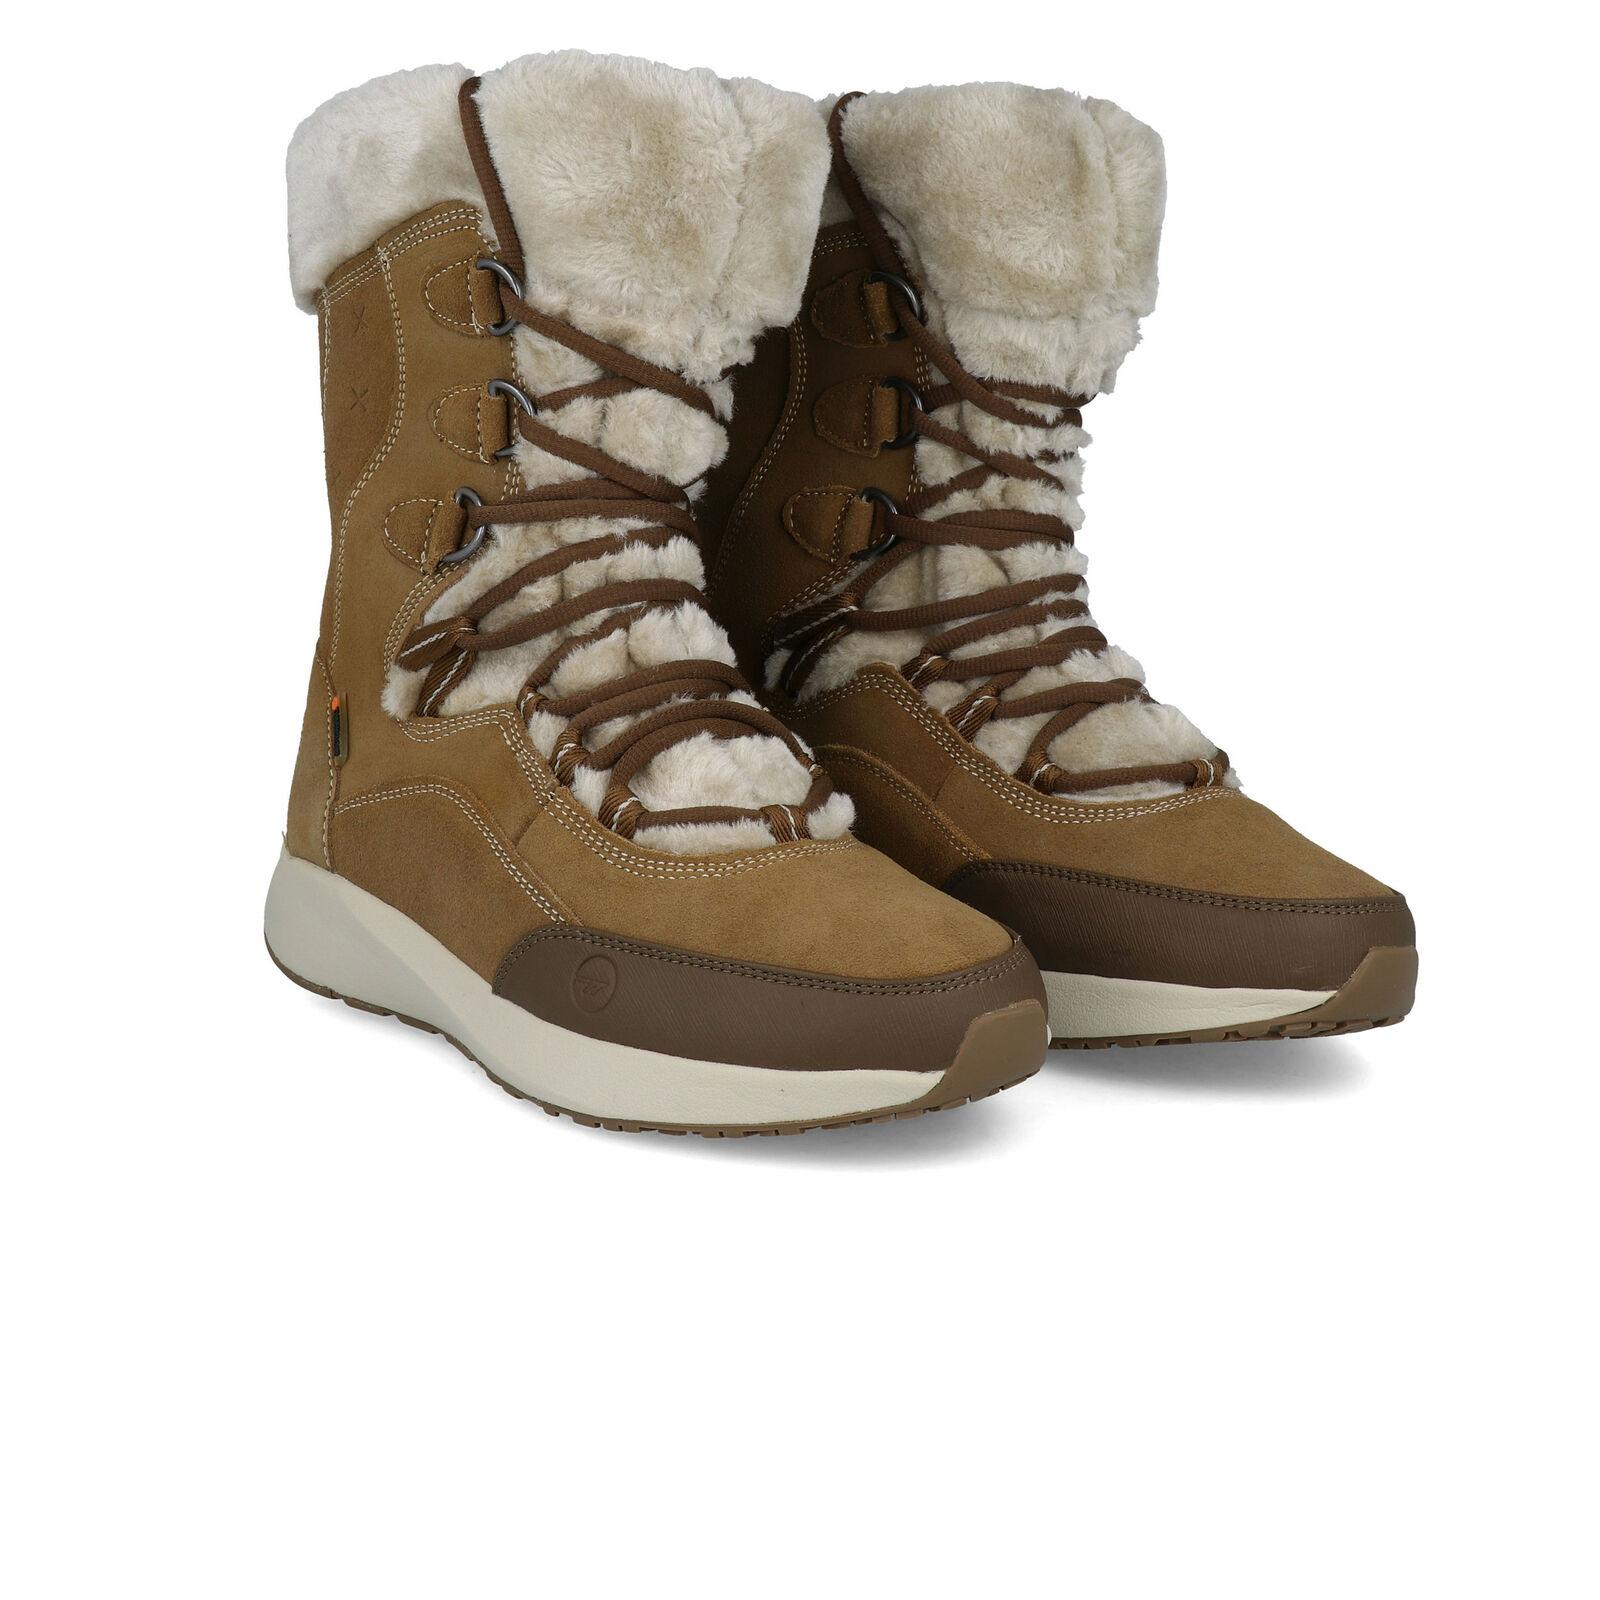 Hi-Tec damen Ritzy 200 WP Walking Stiefel - Sand Sports Outdoors Warm Waterproof